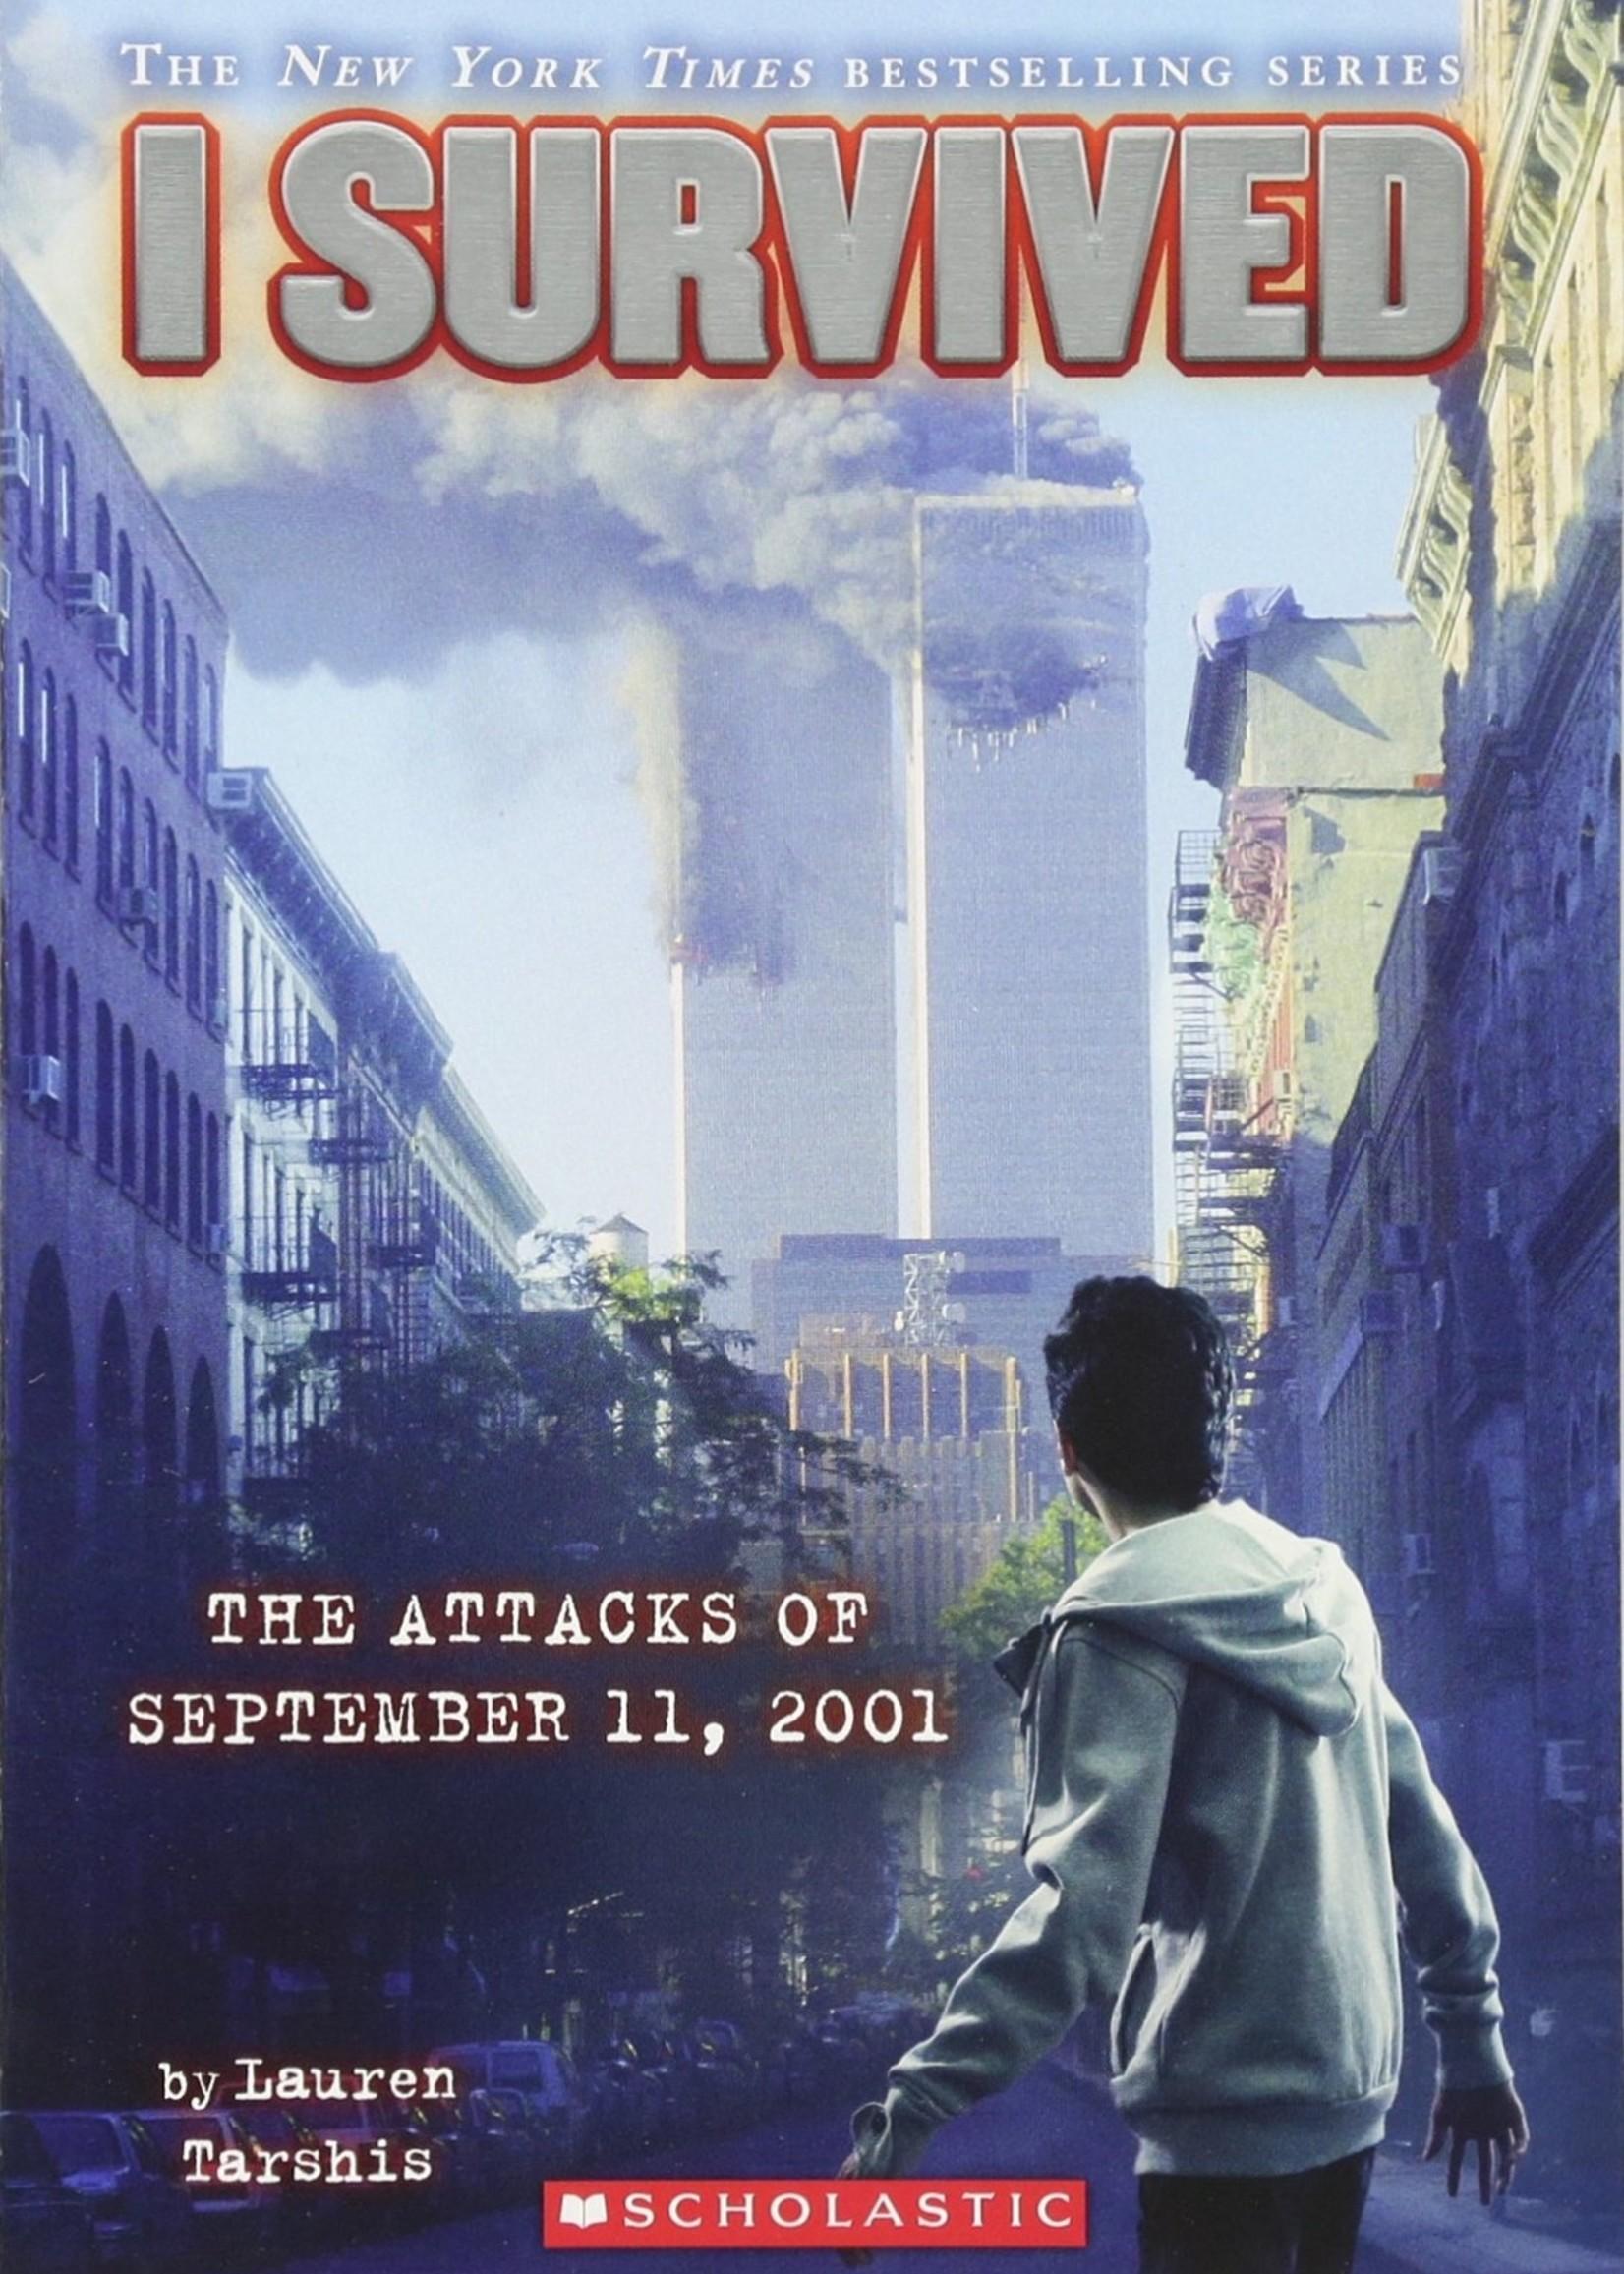 I Survived #06, I Survived The Attacks of September 11, 2001 - Paperback